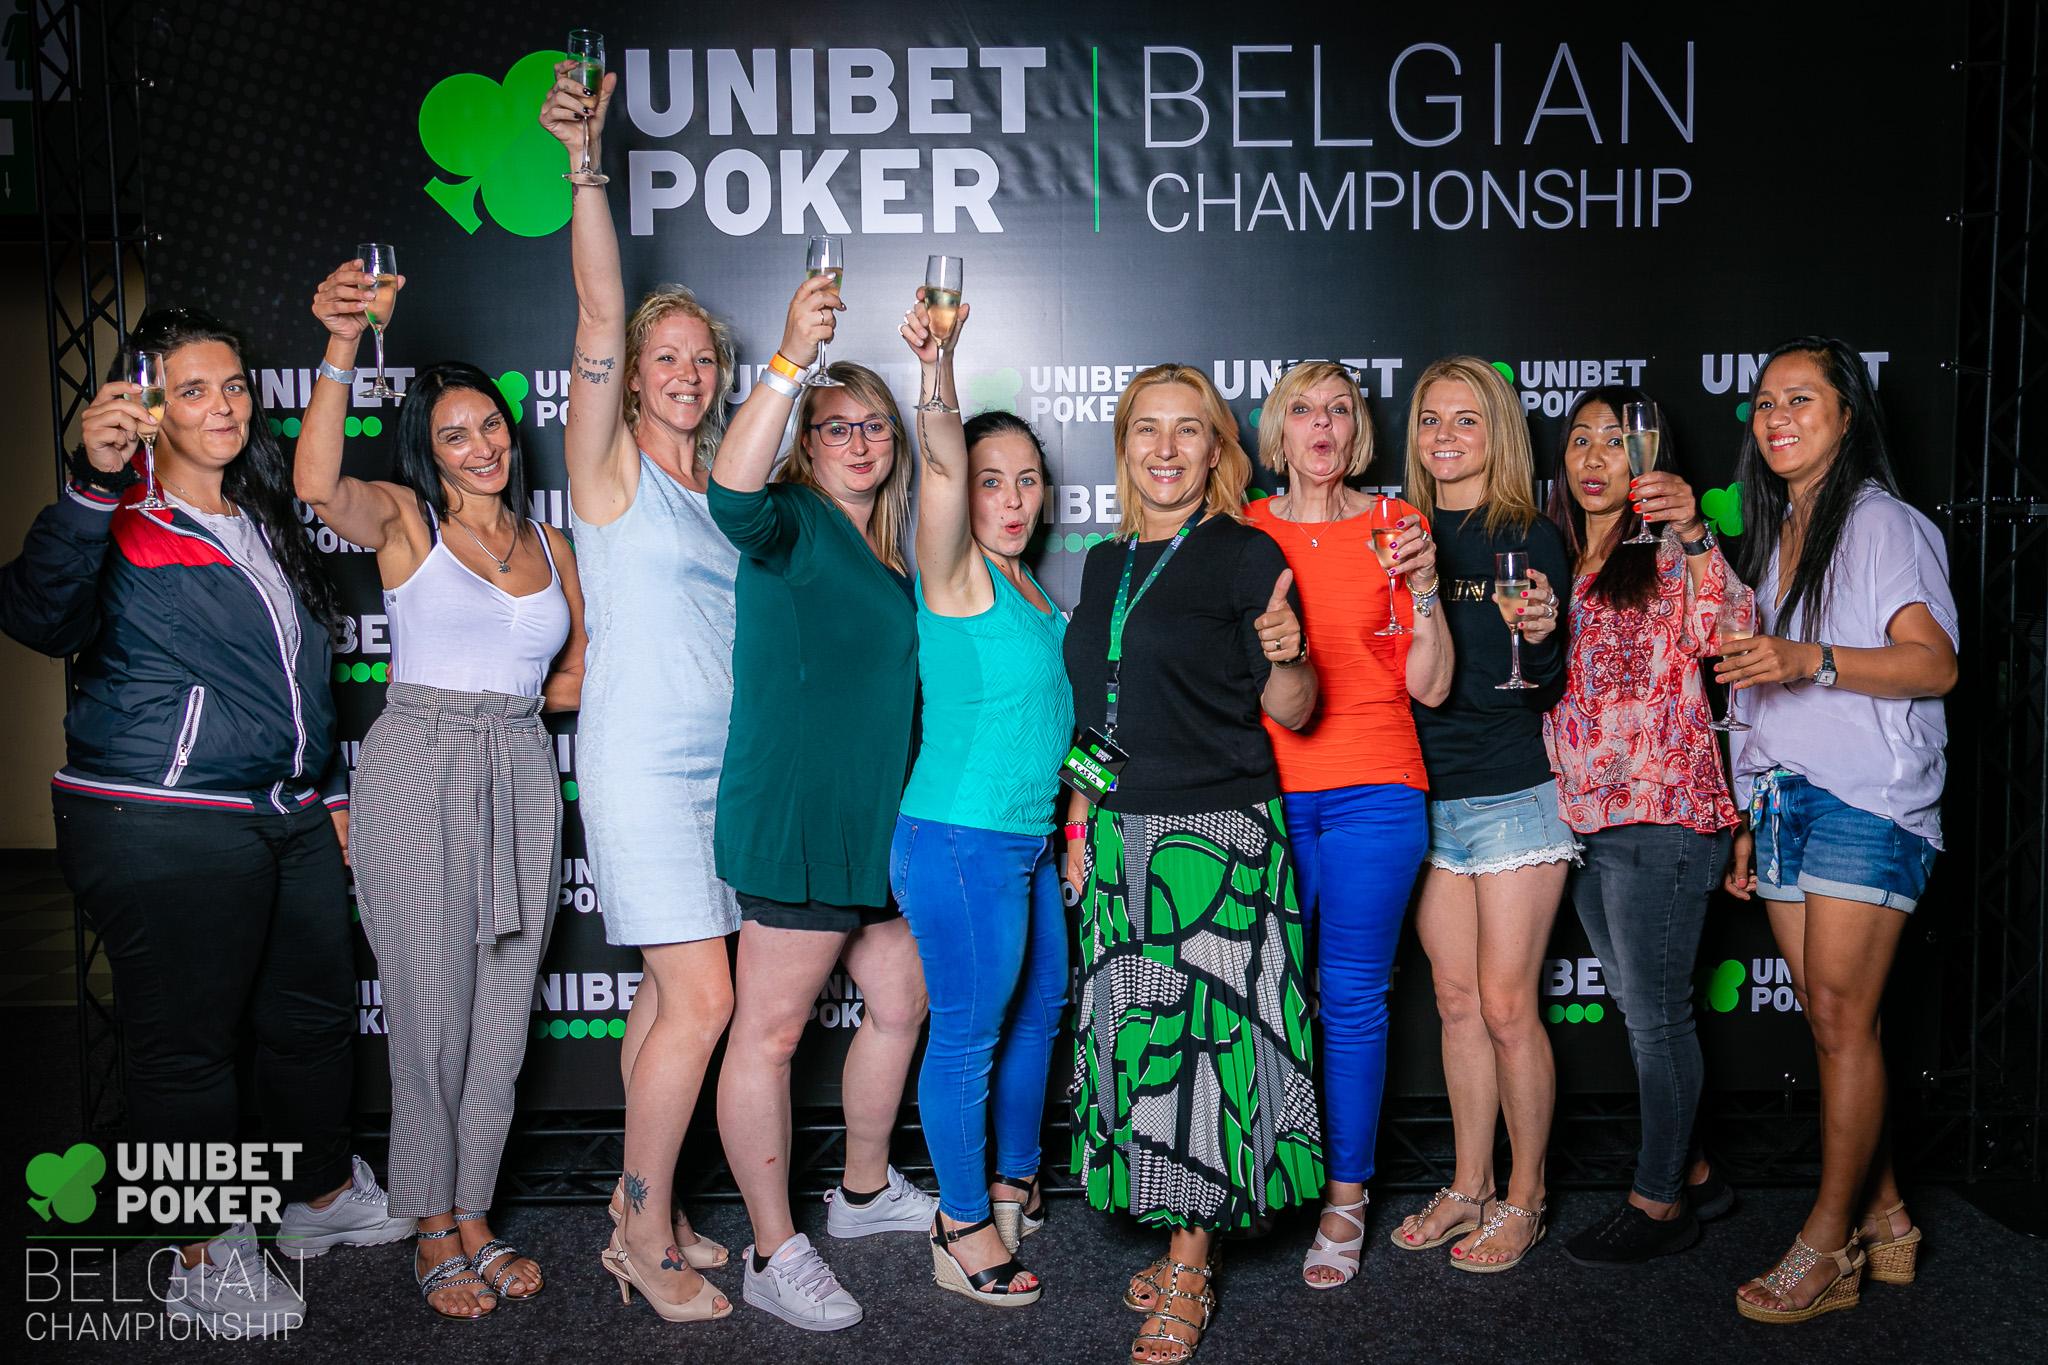 Unibet Poker Belgian Championship 2019 - Queenrules Ladies Event 062  ((C) Tambet Kask 2019)